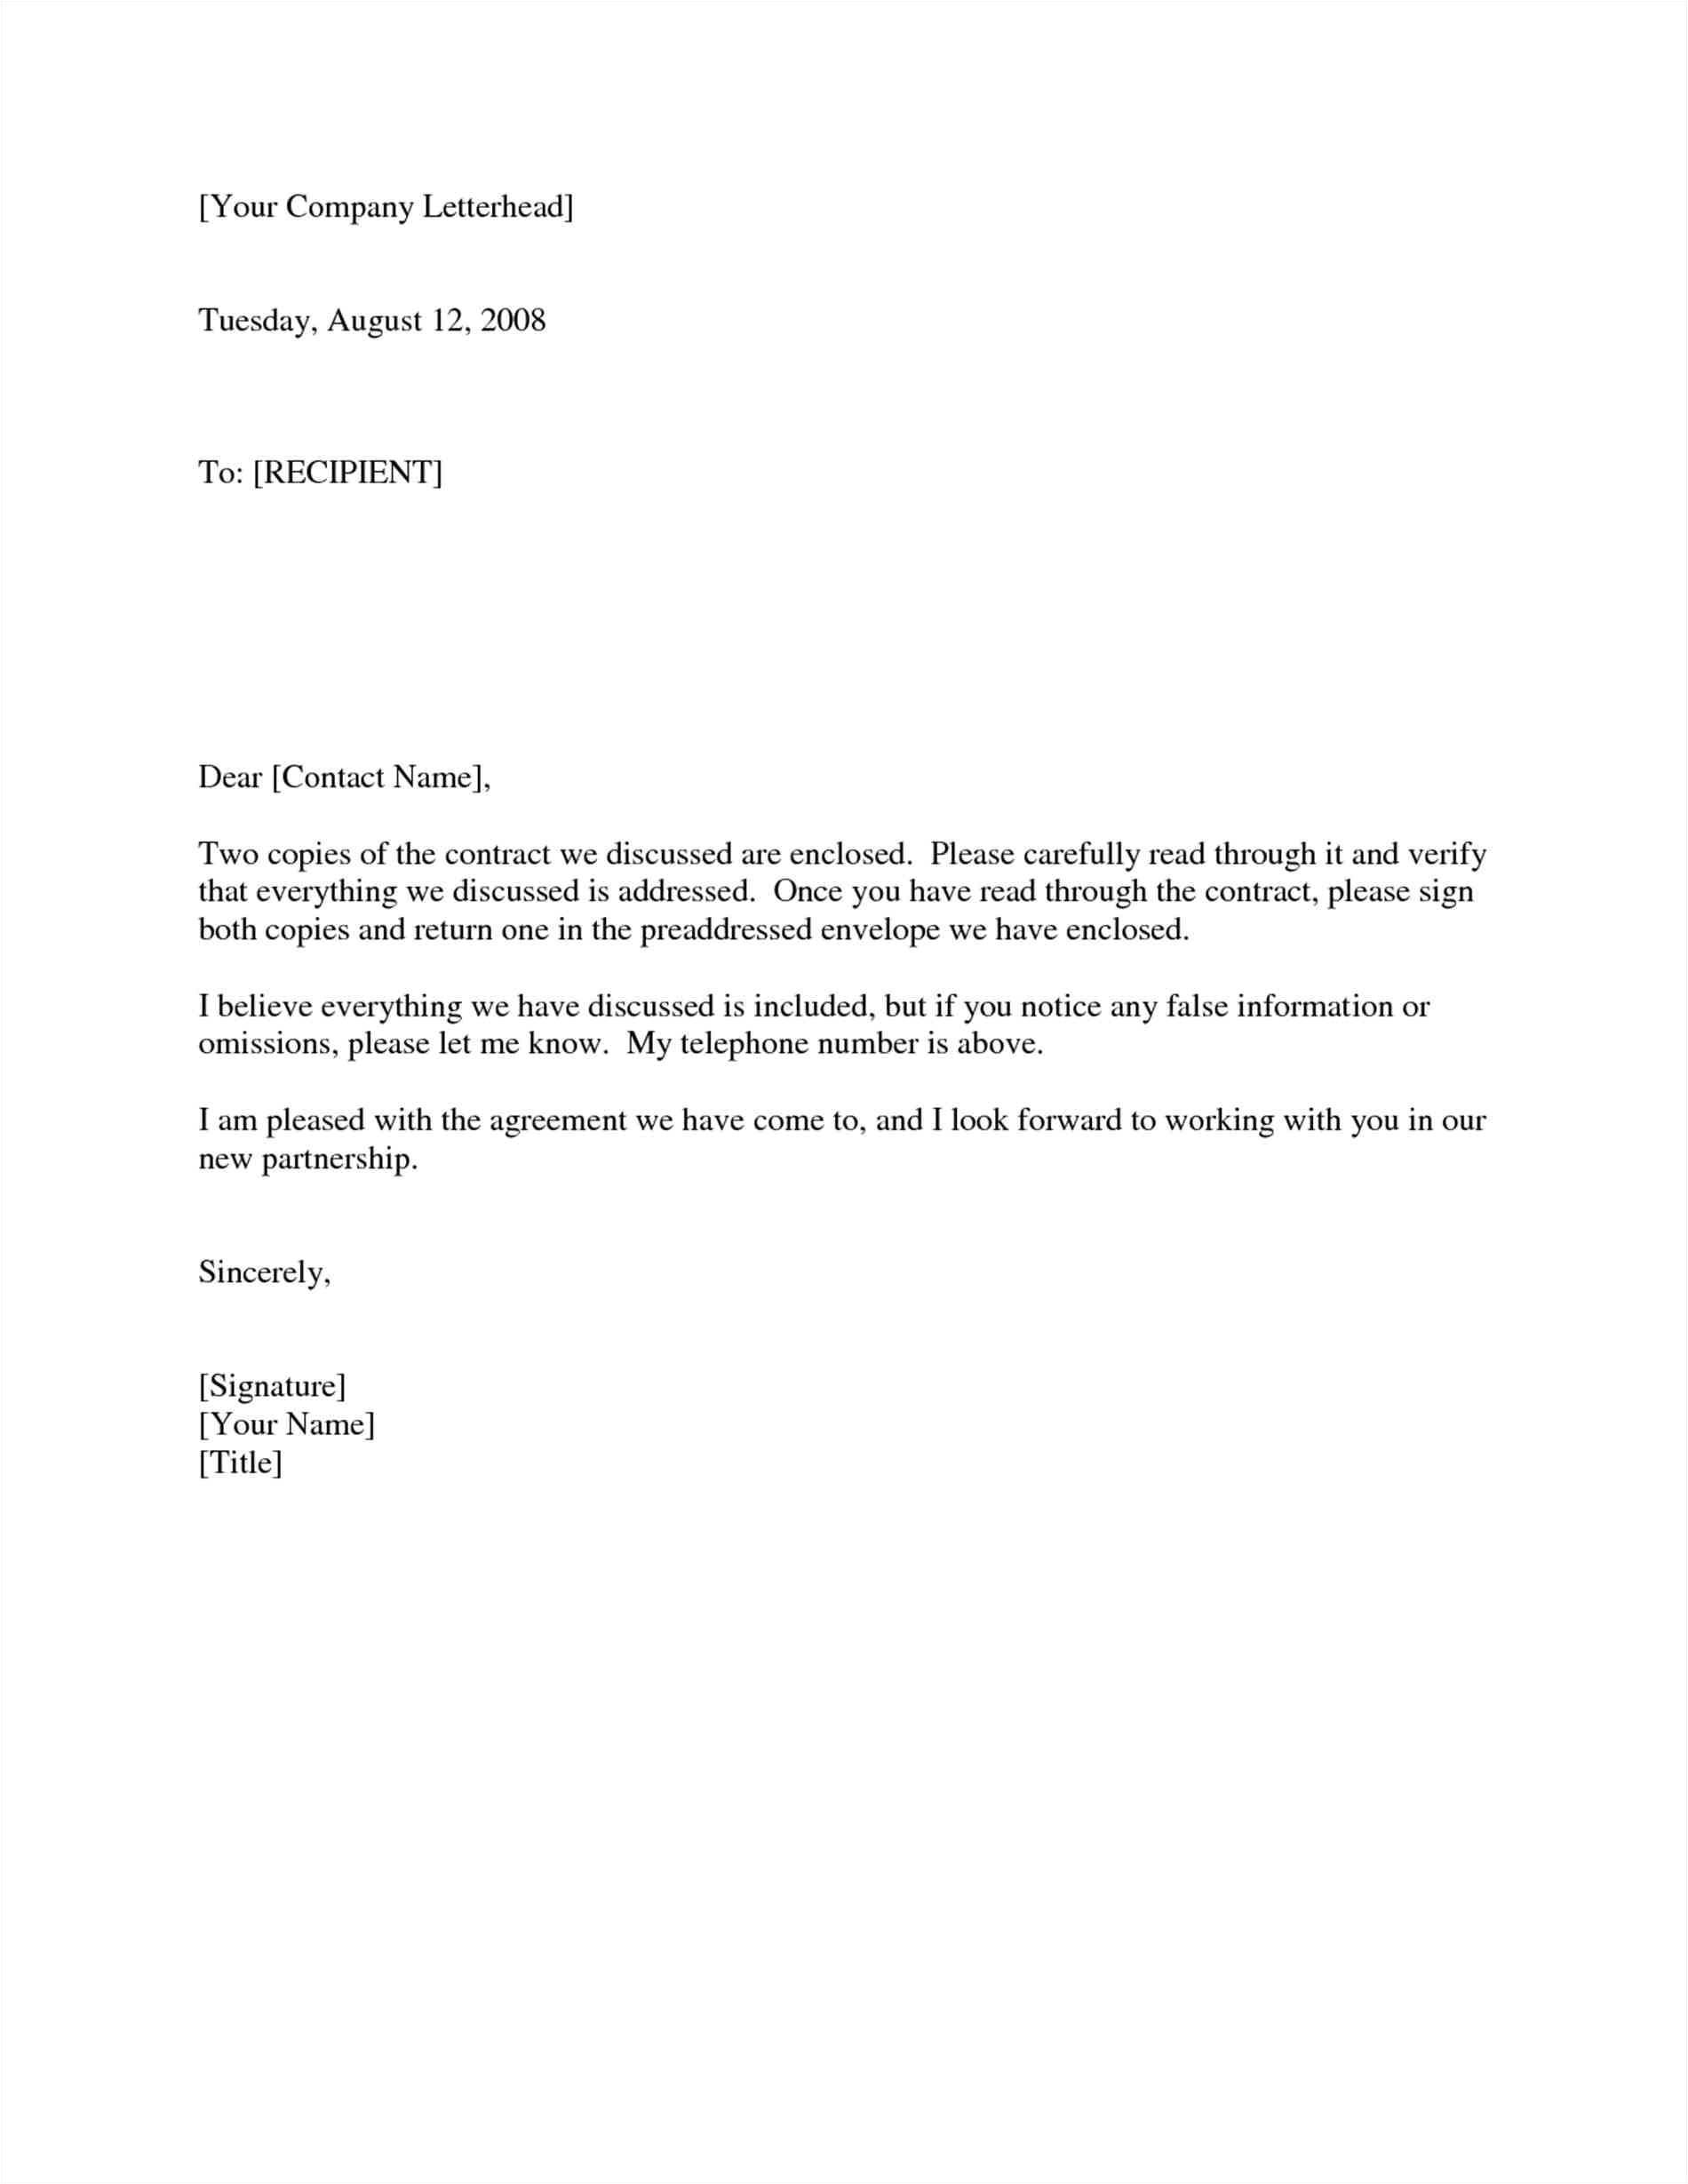 cover letter sample sending documents